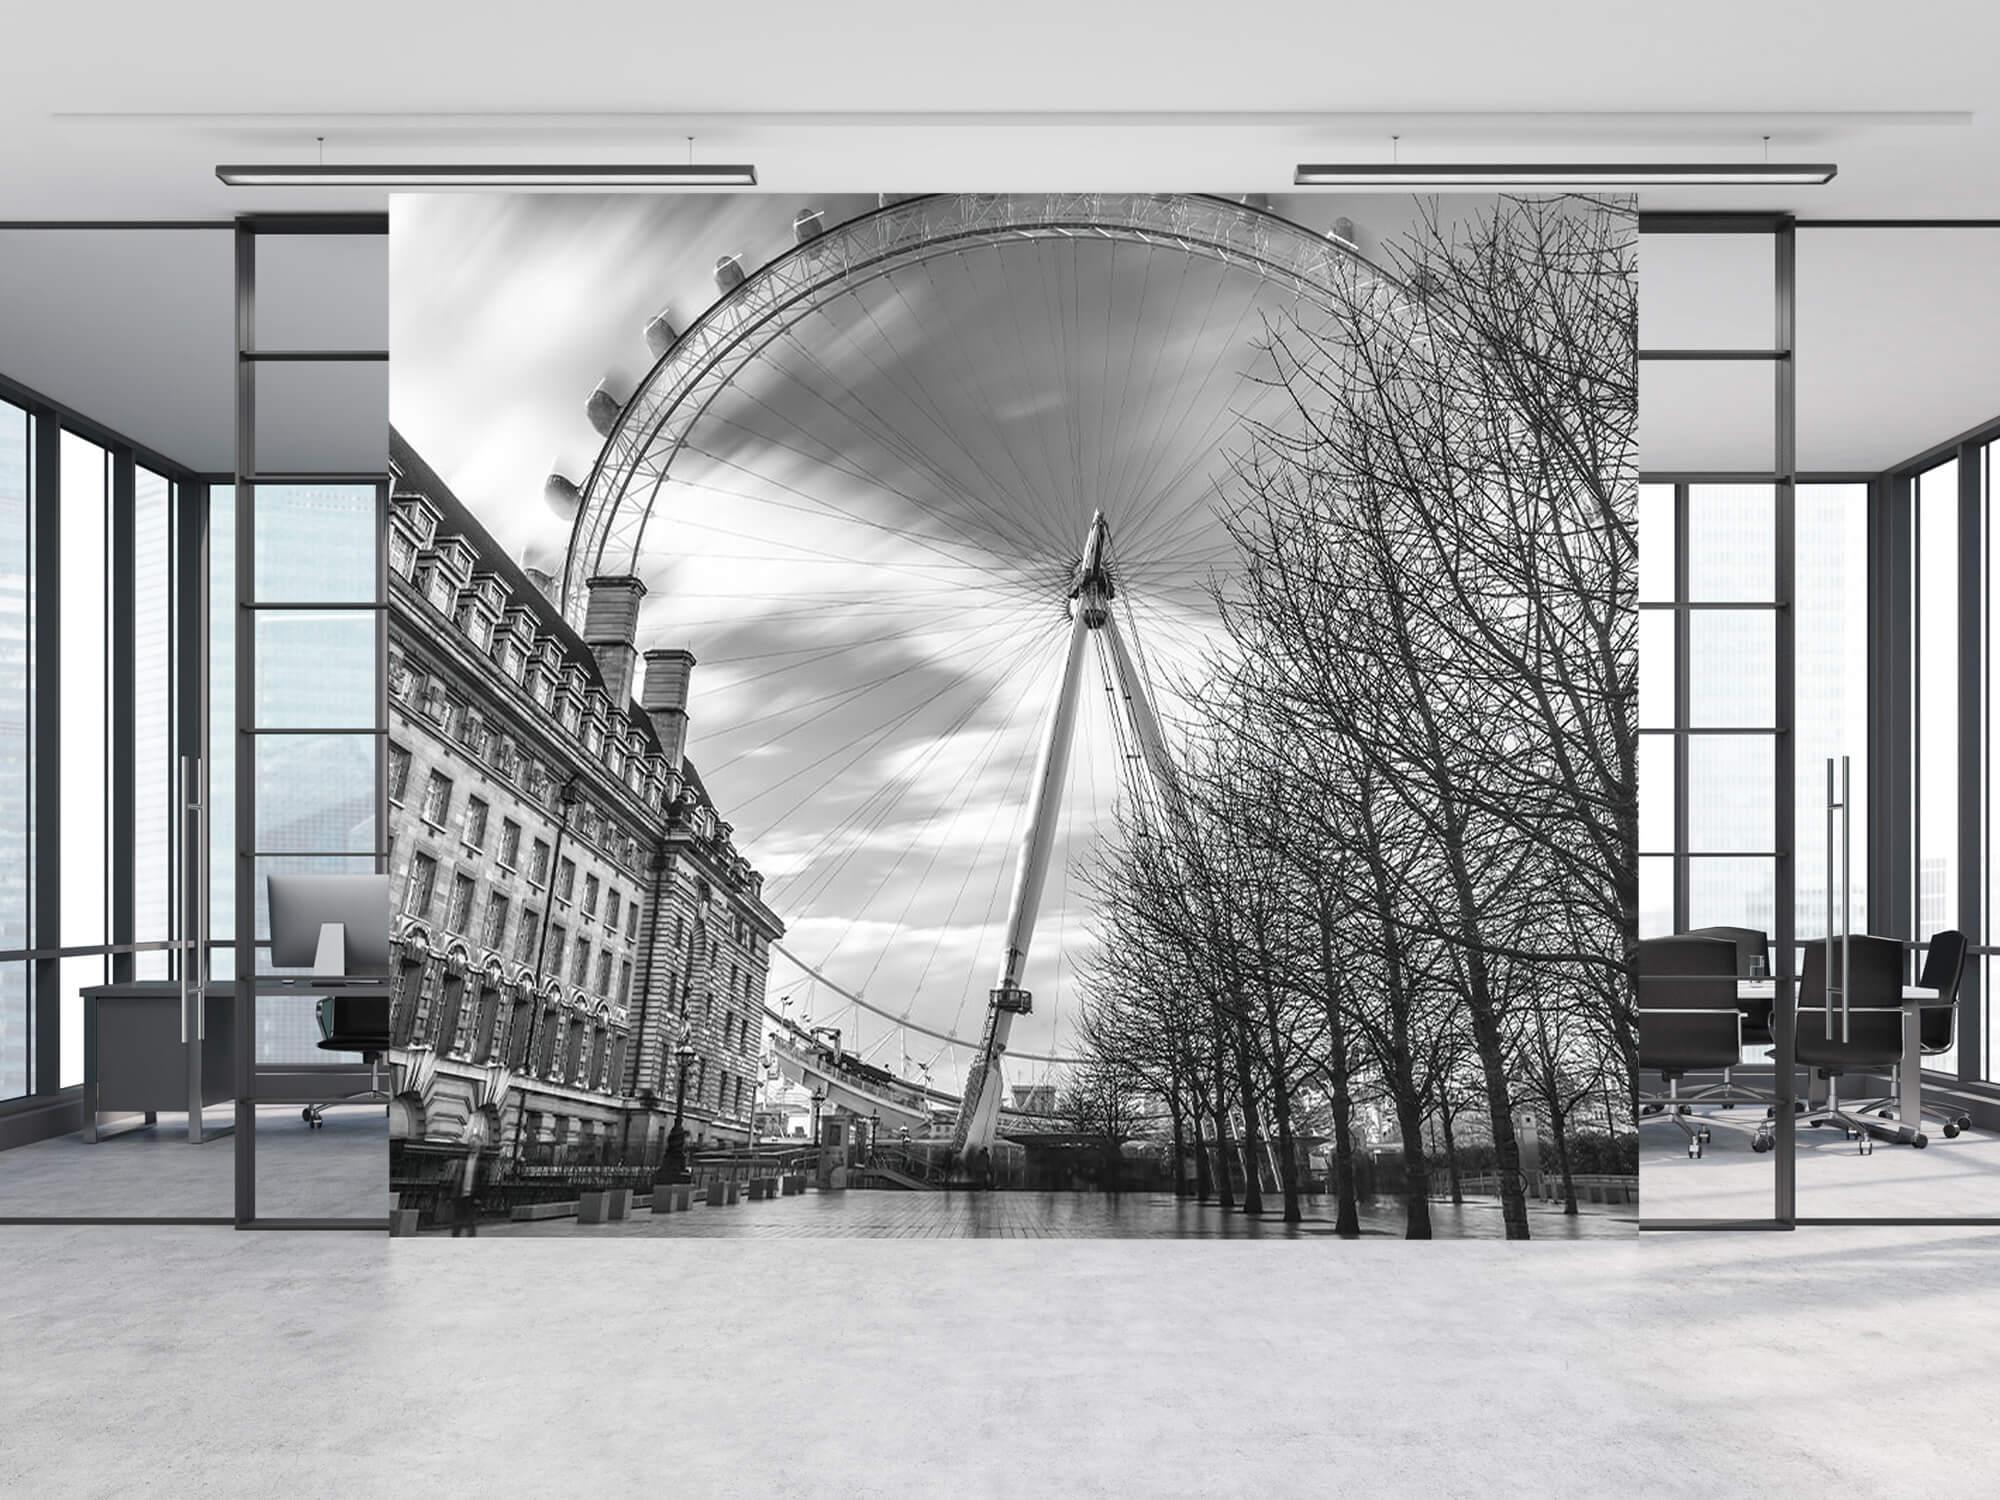 Ferris wheel in London 2